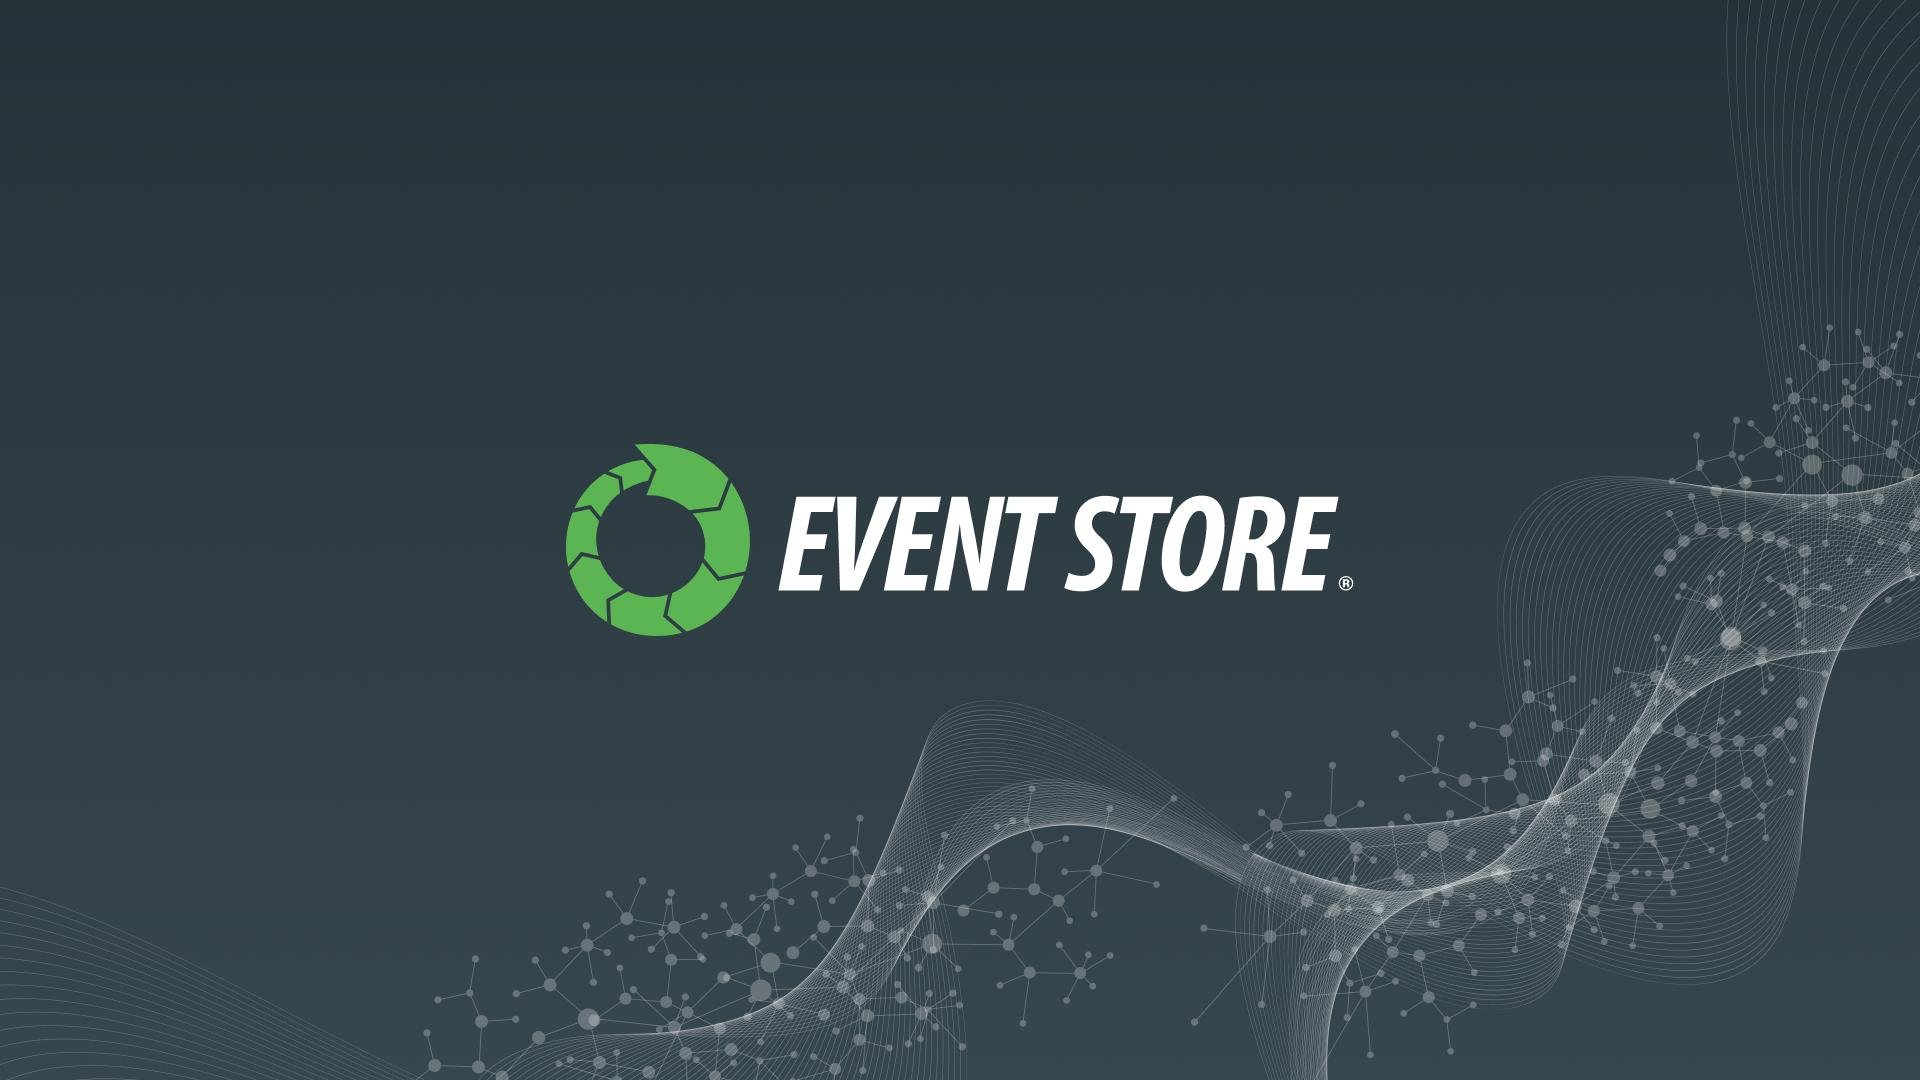 Три мушкетара  Event Sourcing, Event Storming и Event Store  вступают в бой Часть 1  пробуем Event Store ДБ